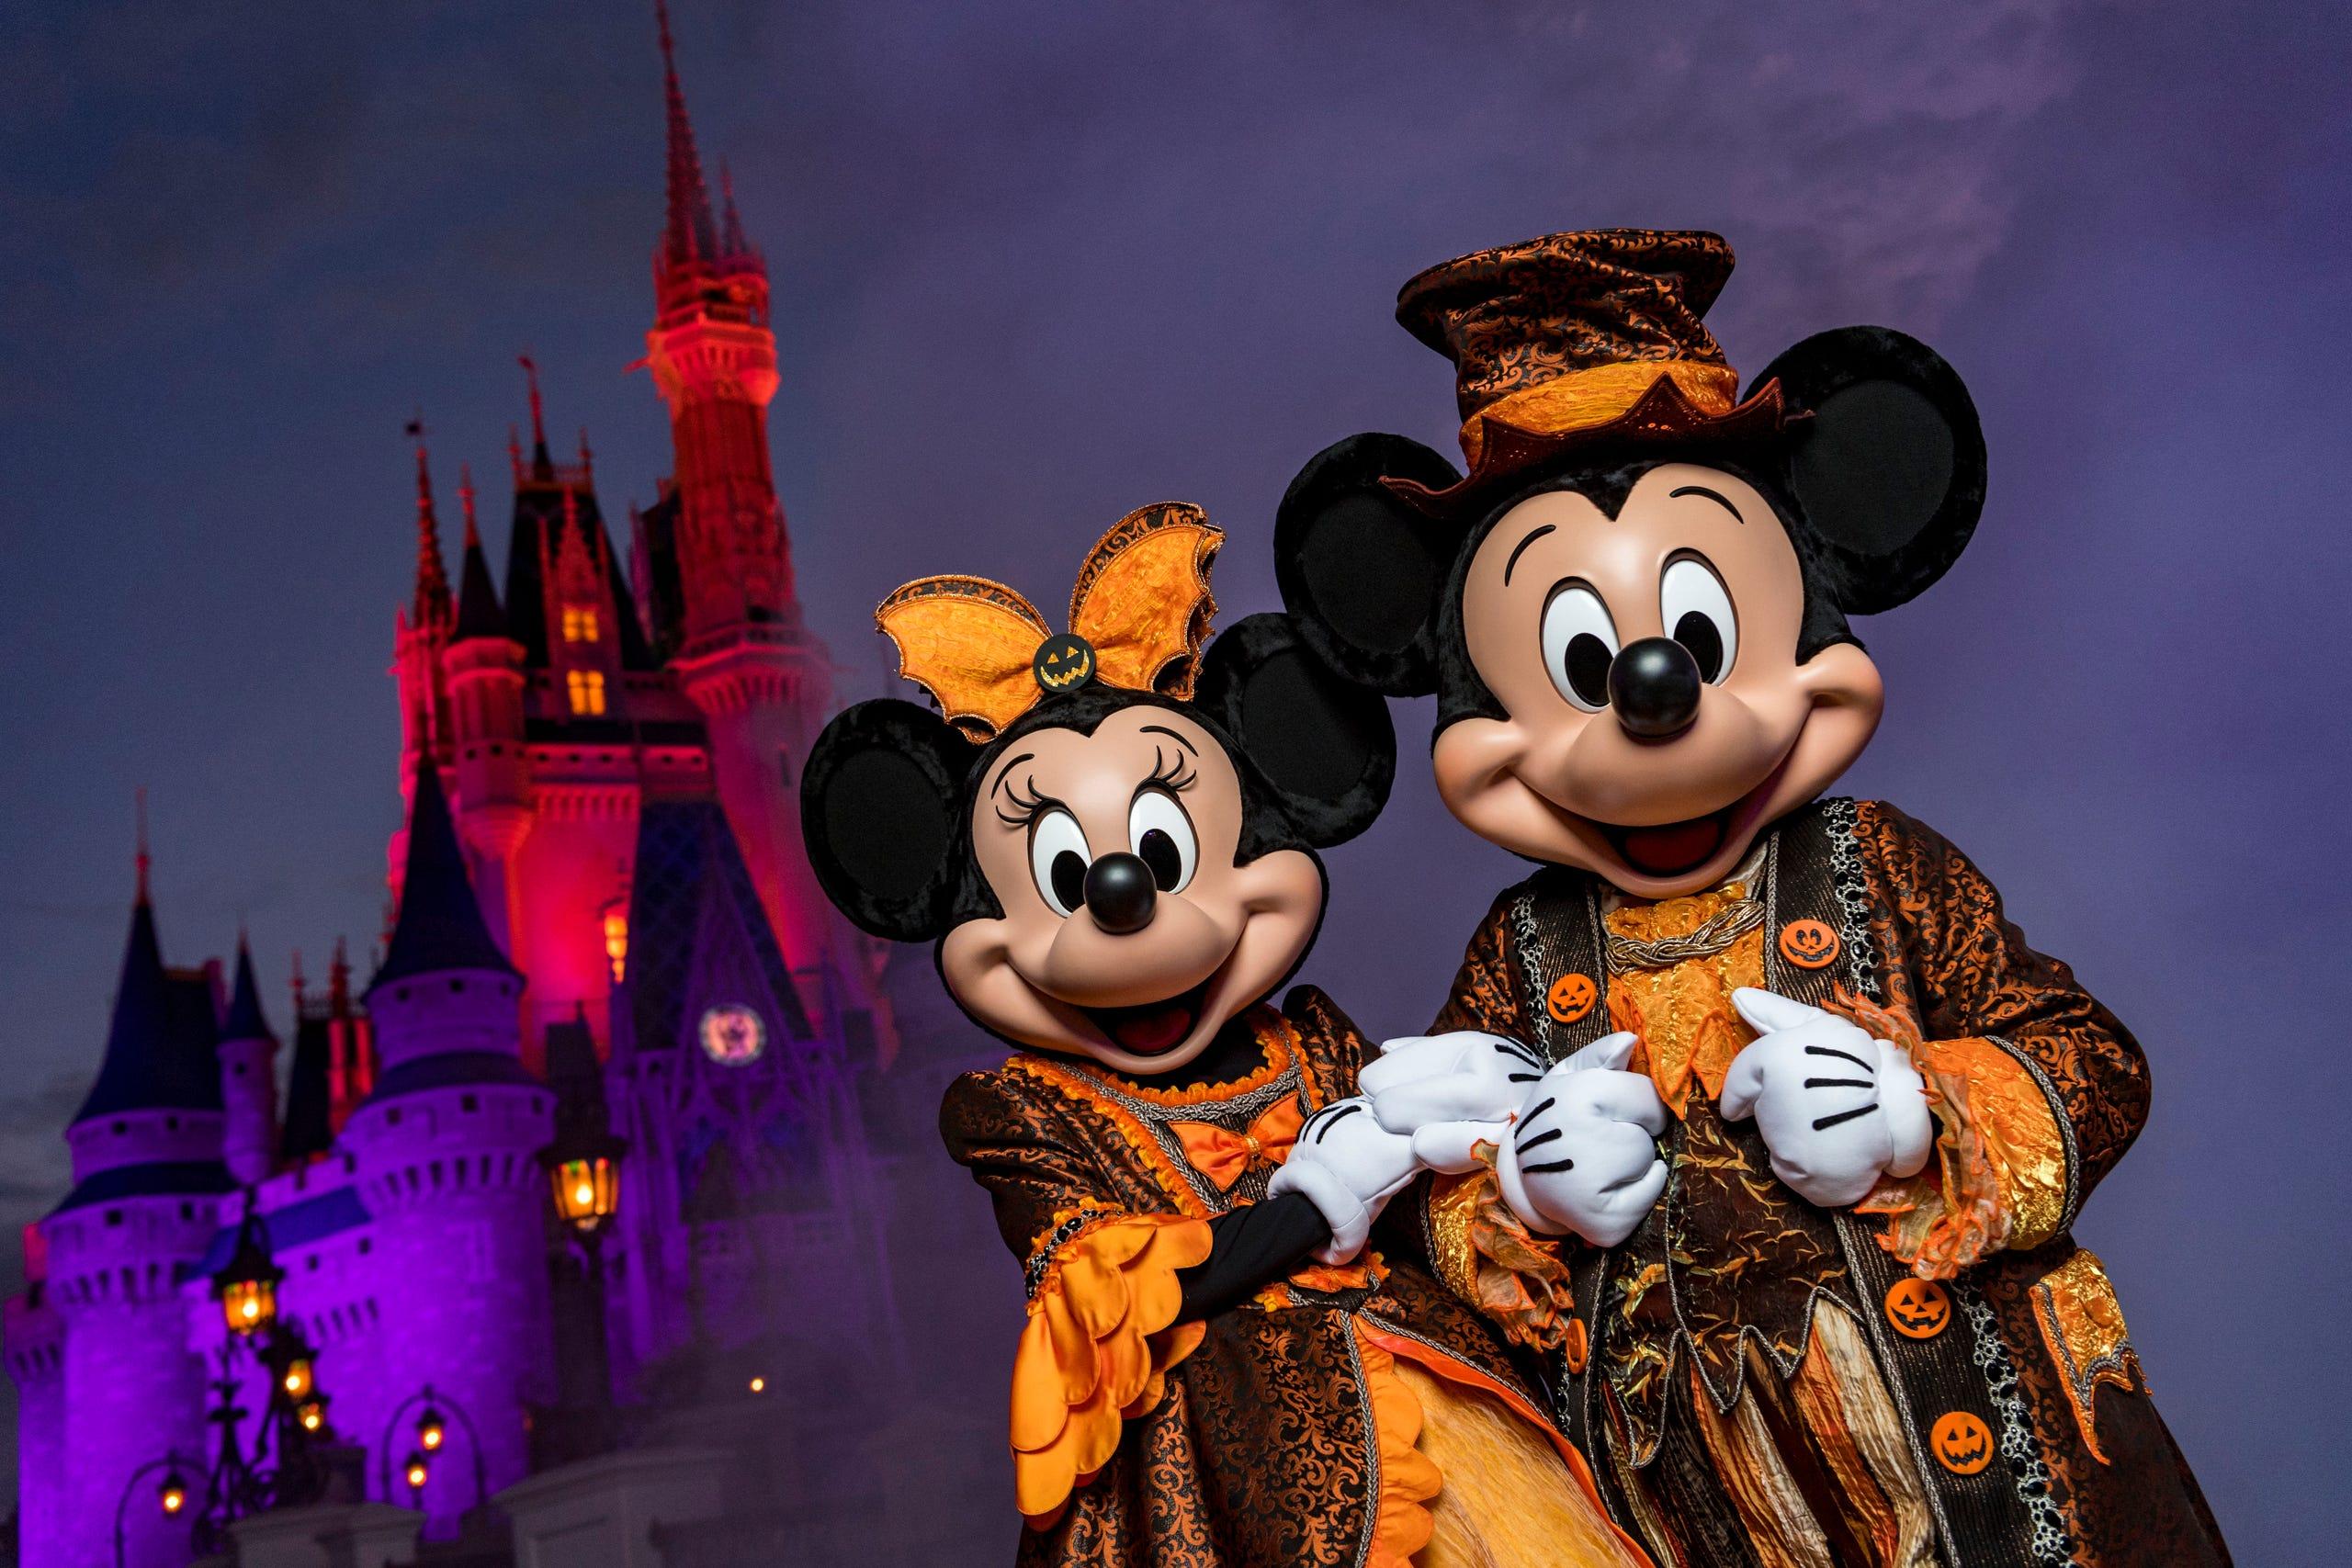 Disneyland Halloween Preveiw 2020 Halloween 2019 preview: Disney World, Disneyland and Universal Studios